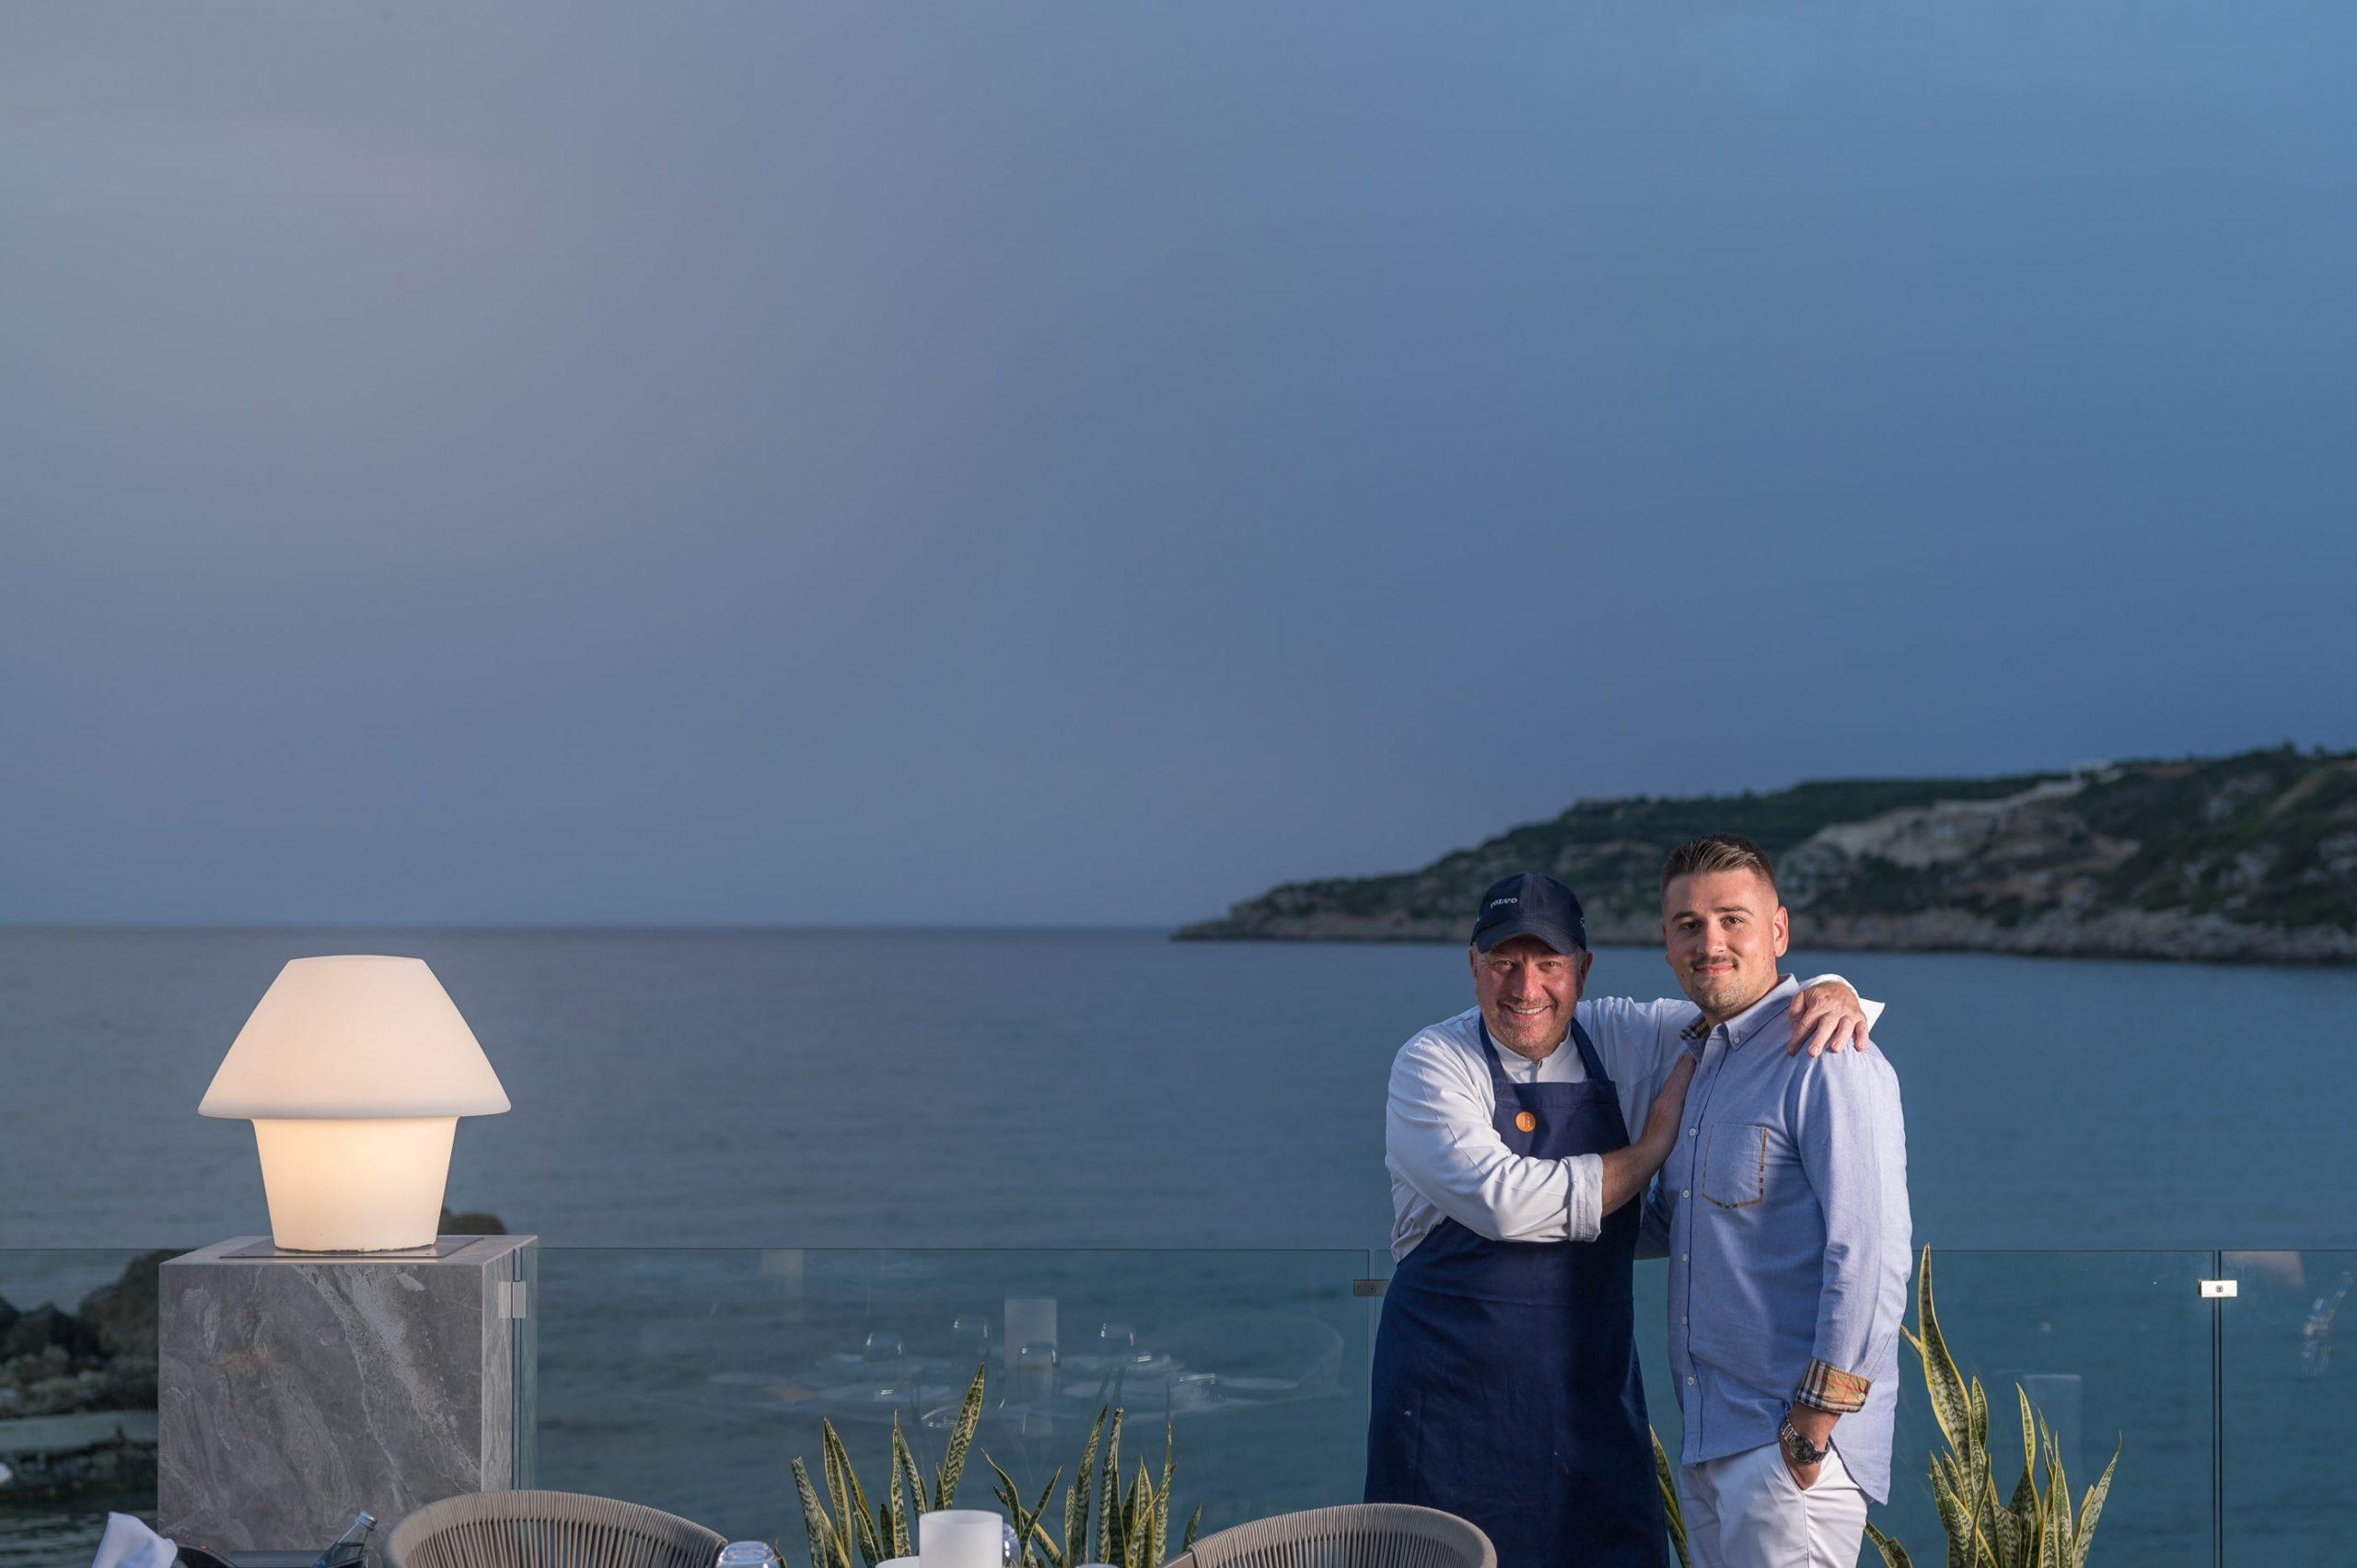 Πολυτελή εστιατόρια χανιά- πολυτελή εστιατόρια στα χανιά- χανιά βραβευμένα εστιατόρια- έκτορας μποτρίνι χανιά- εστιατόριο almyvita